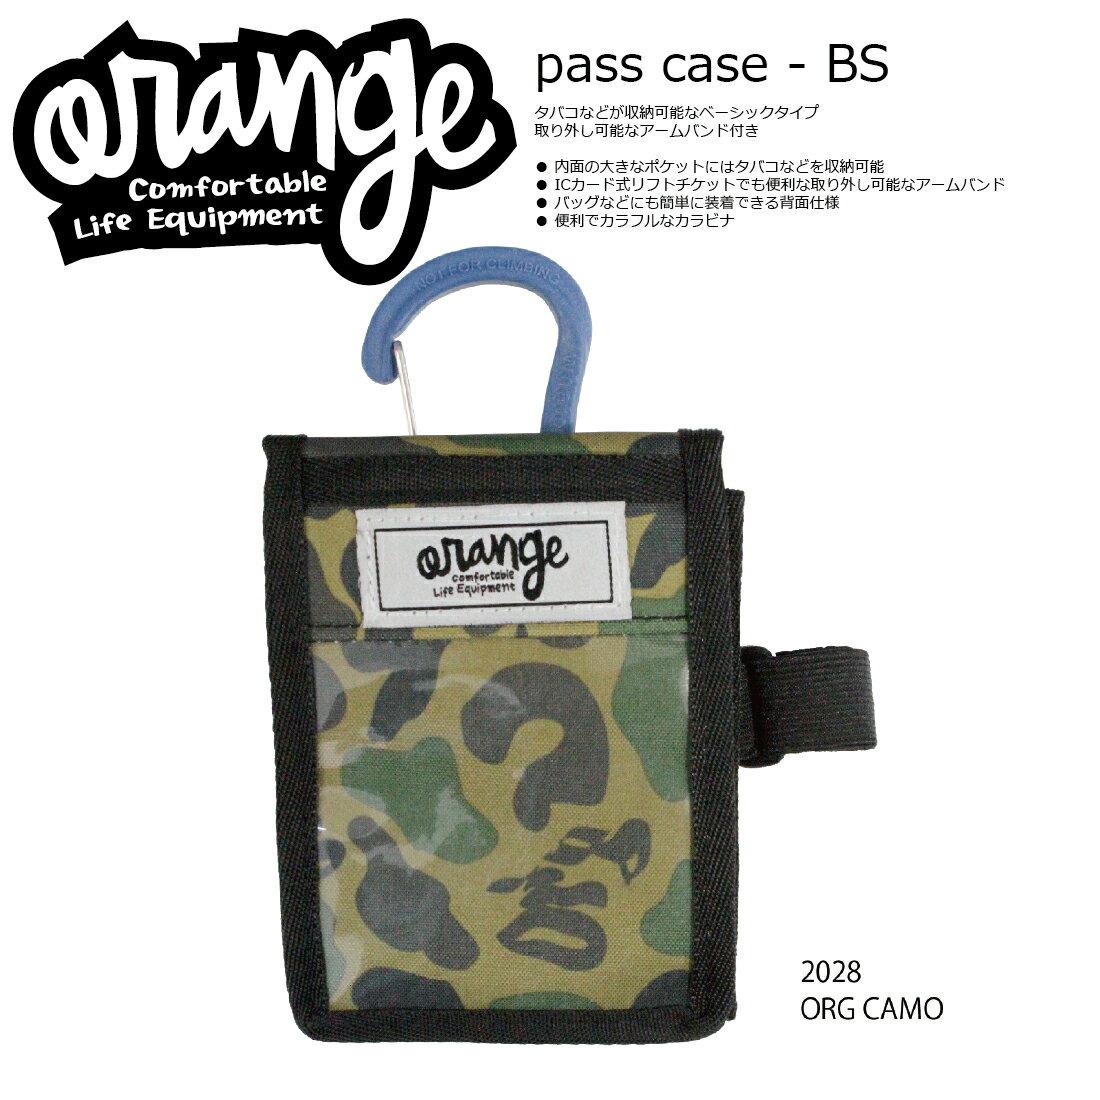 Oran'ge Pass-Case BS カラビナ付 2028 ORG CAMO オレンジ パスケース 縦タイプ ビーエス 収納ポケット付 2017 2017-18